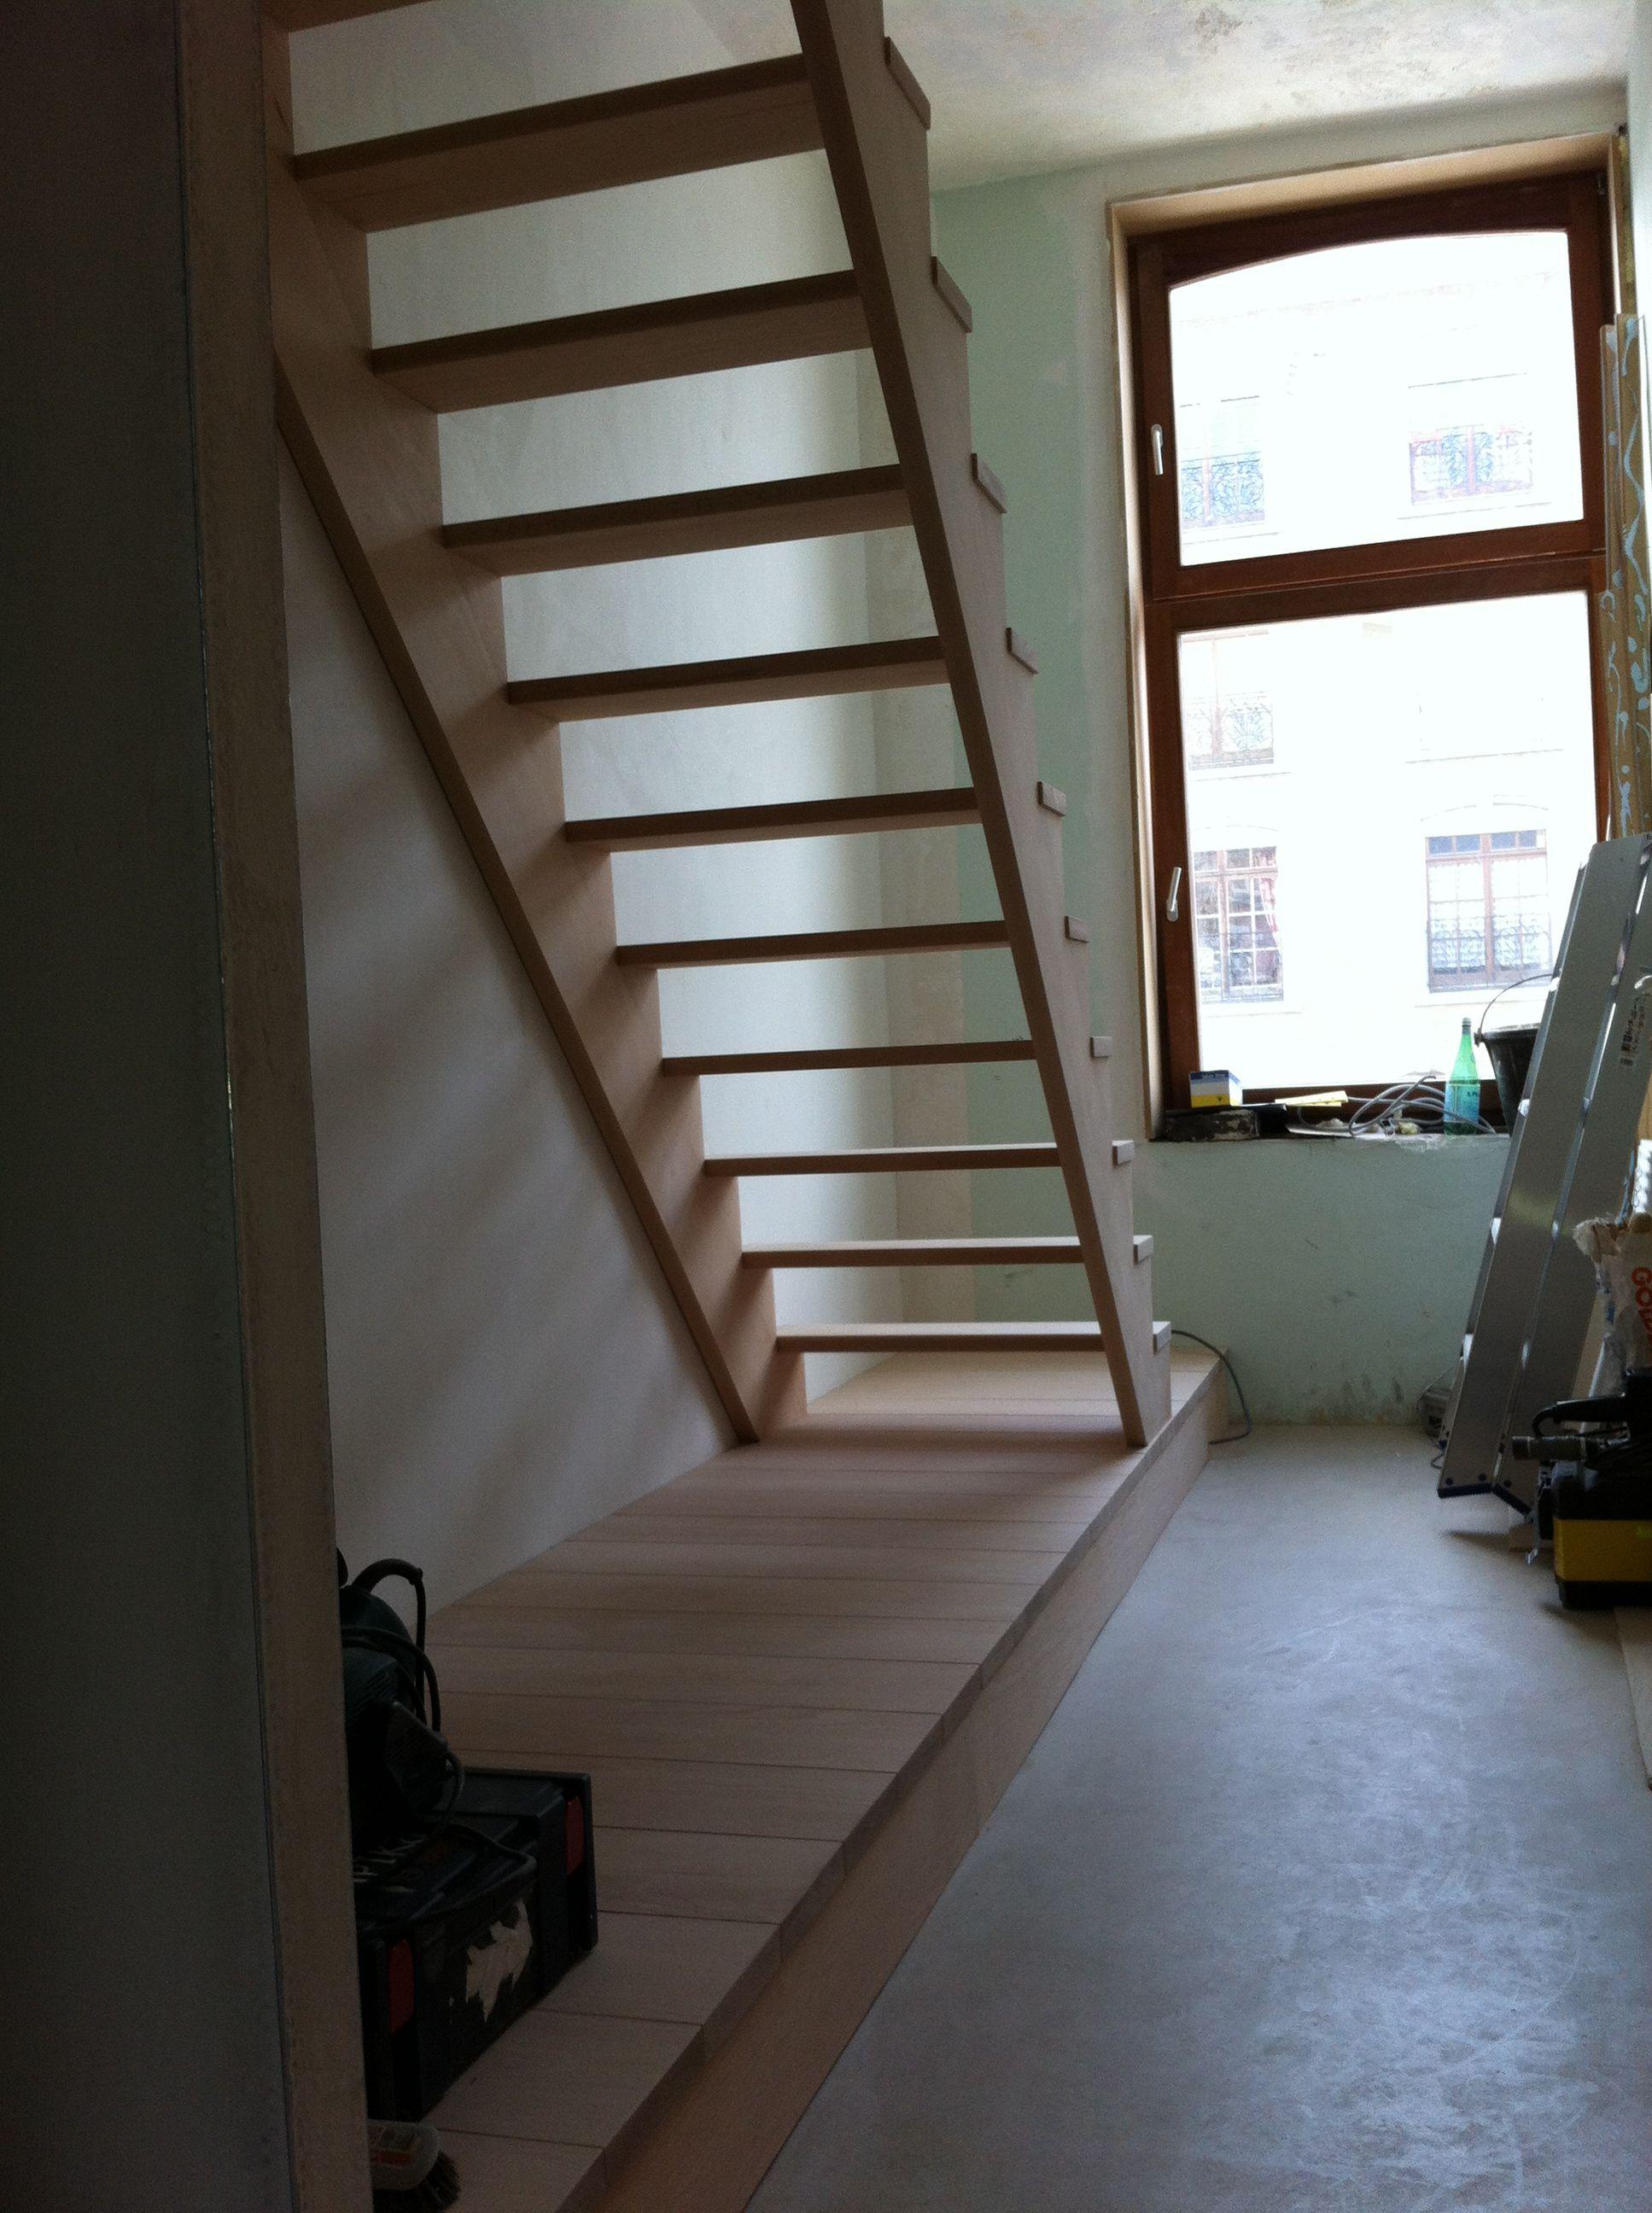 Escalier Hetre Blanc Avec Estrade Huy Con Imagenes Escaleras